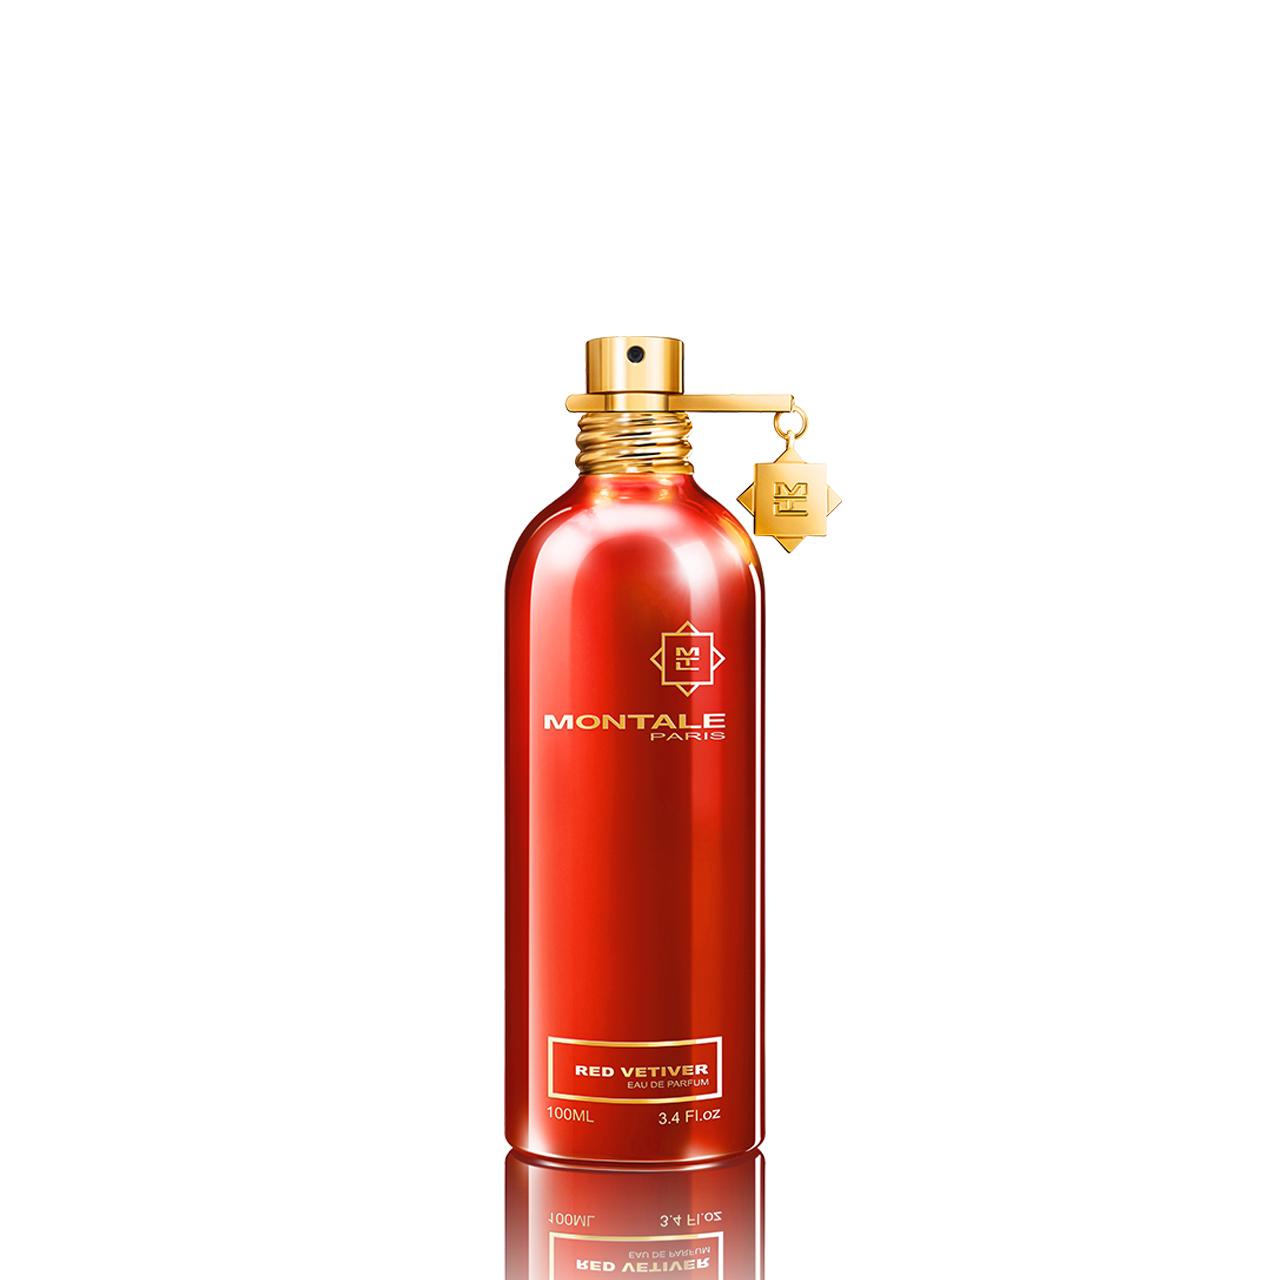 Red Vetiver - Eau de Parfum